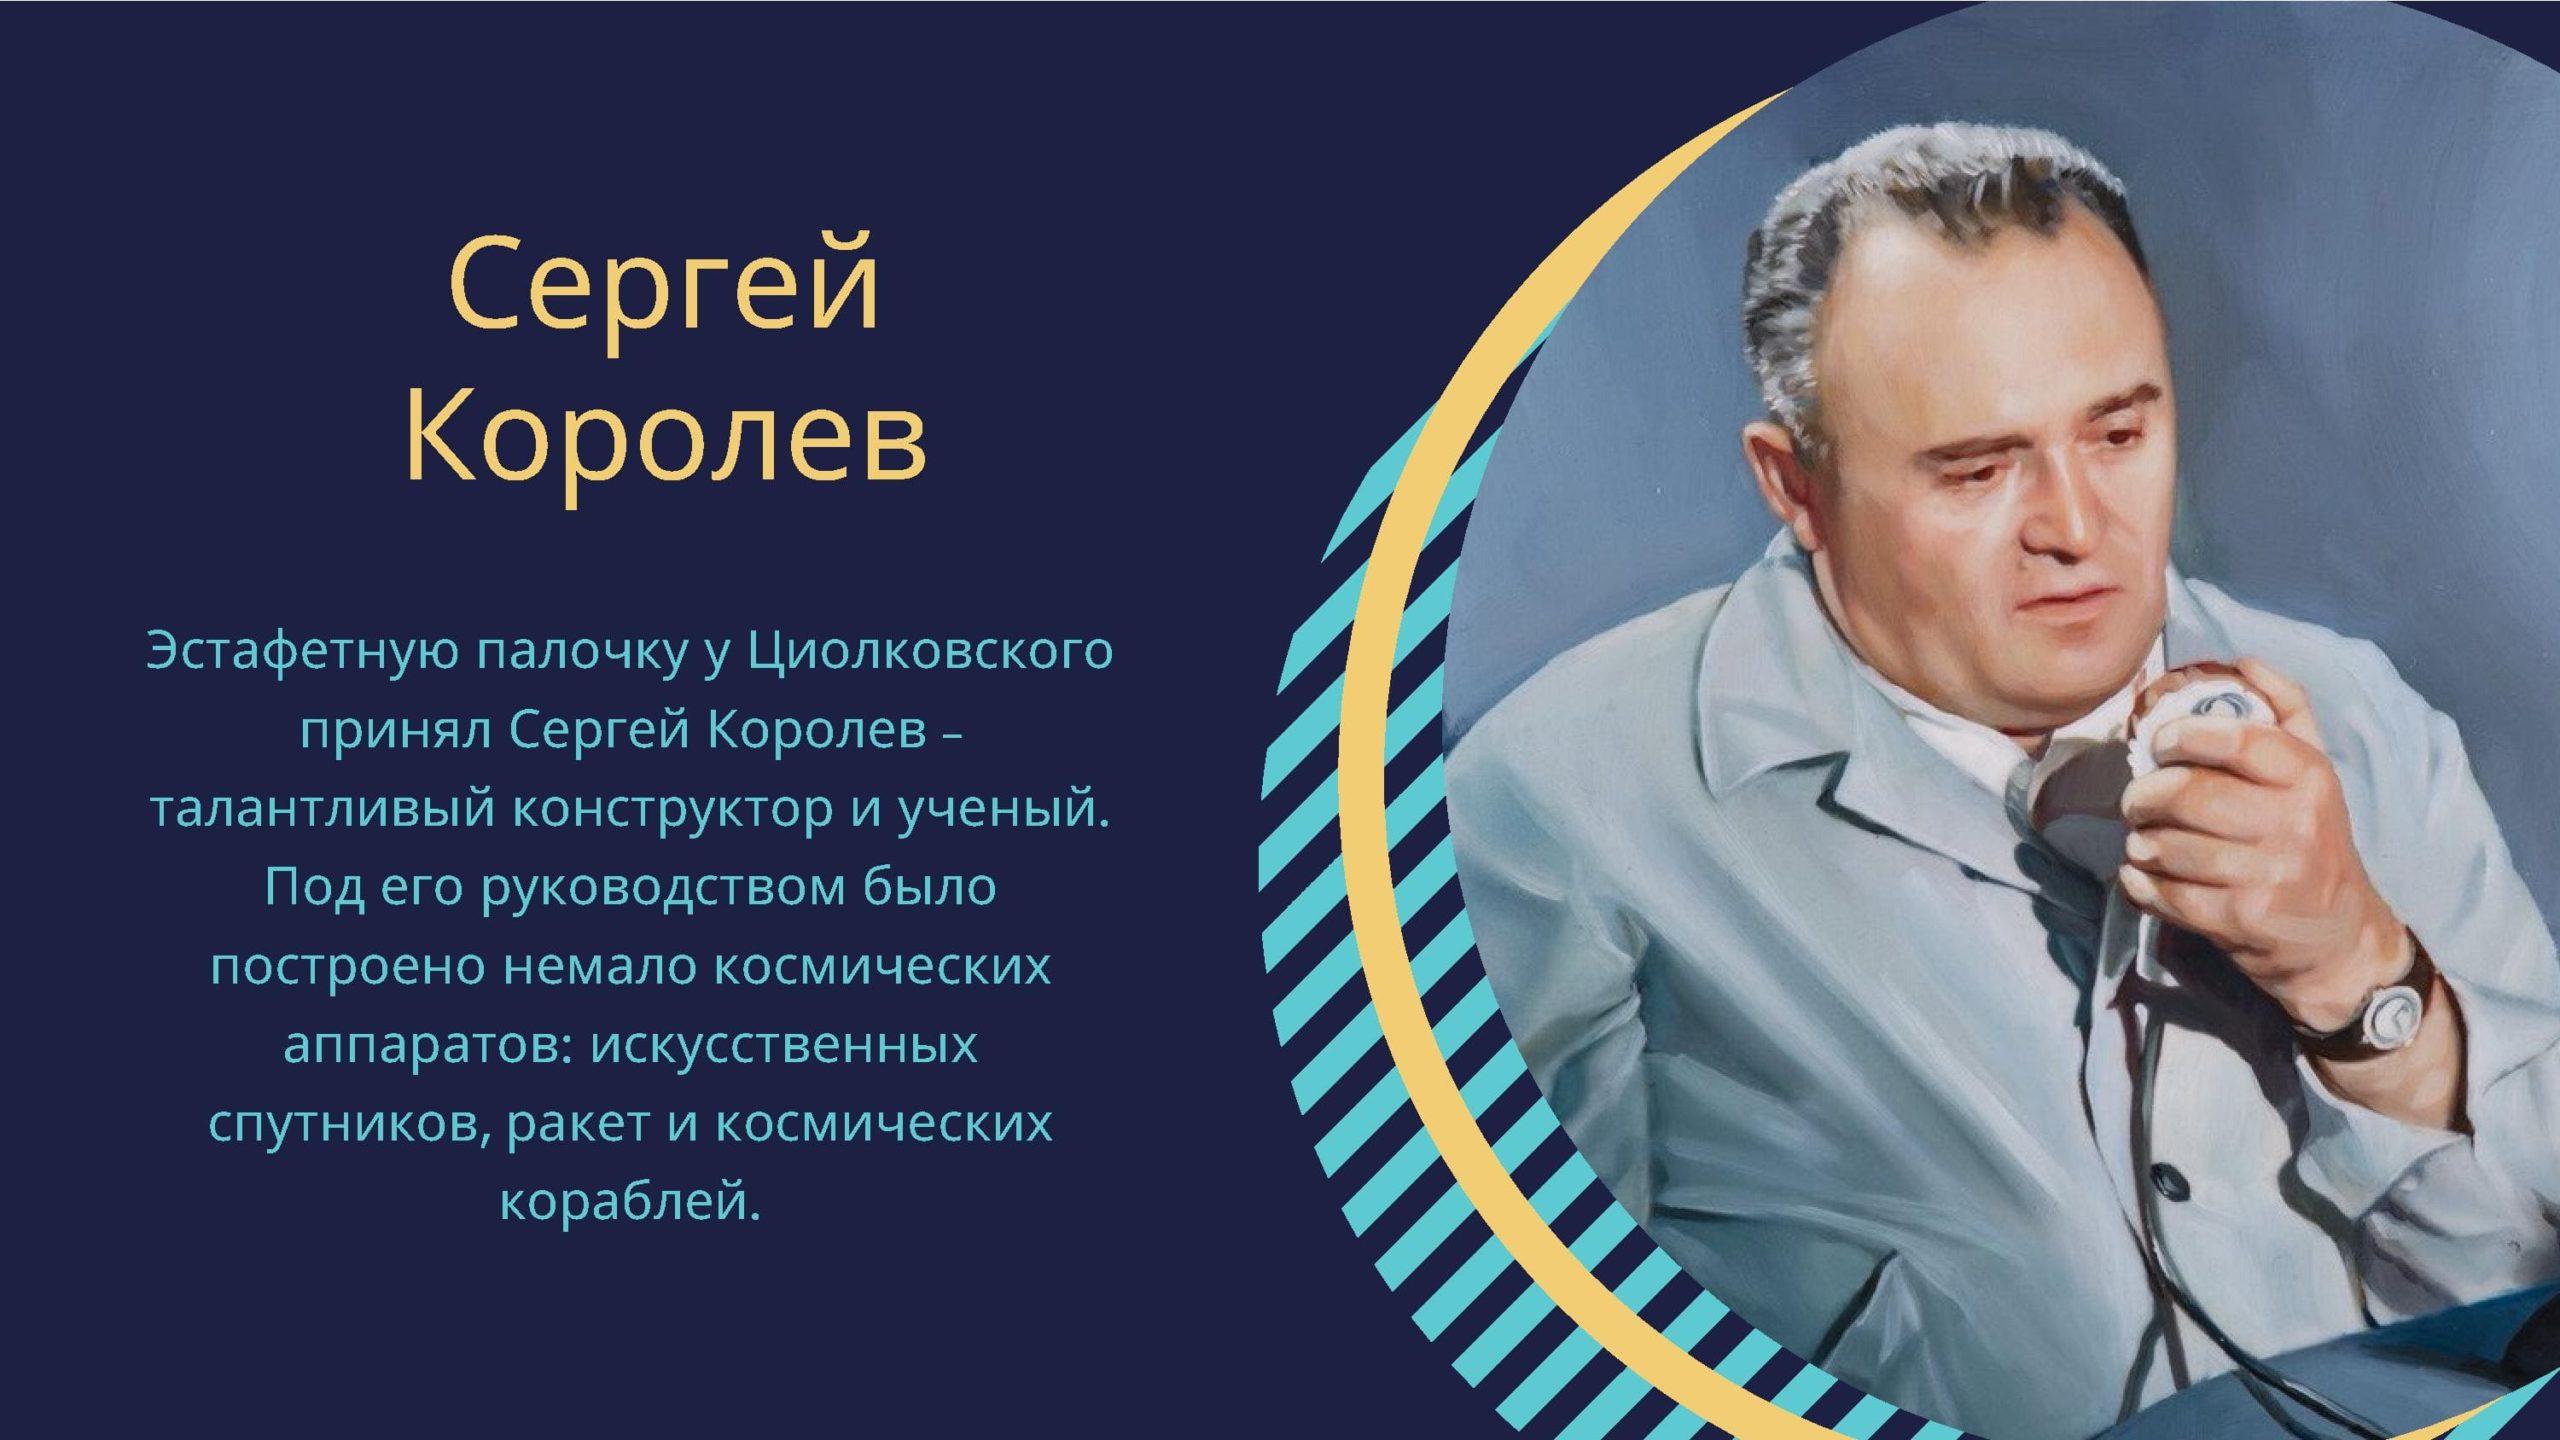 Сергей Королев. Эстафетную палочку у Циолковского принял Сергей Королев